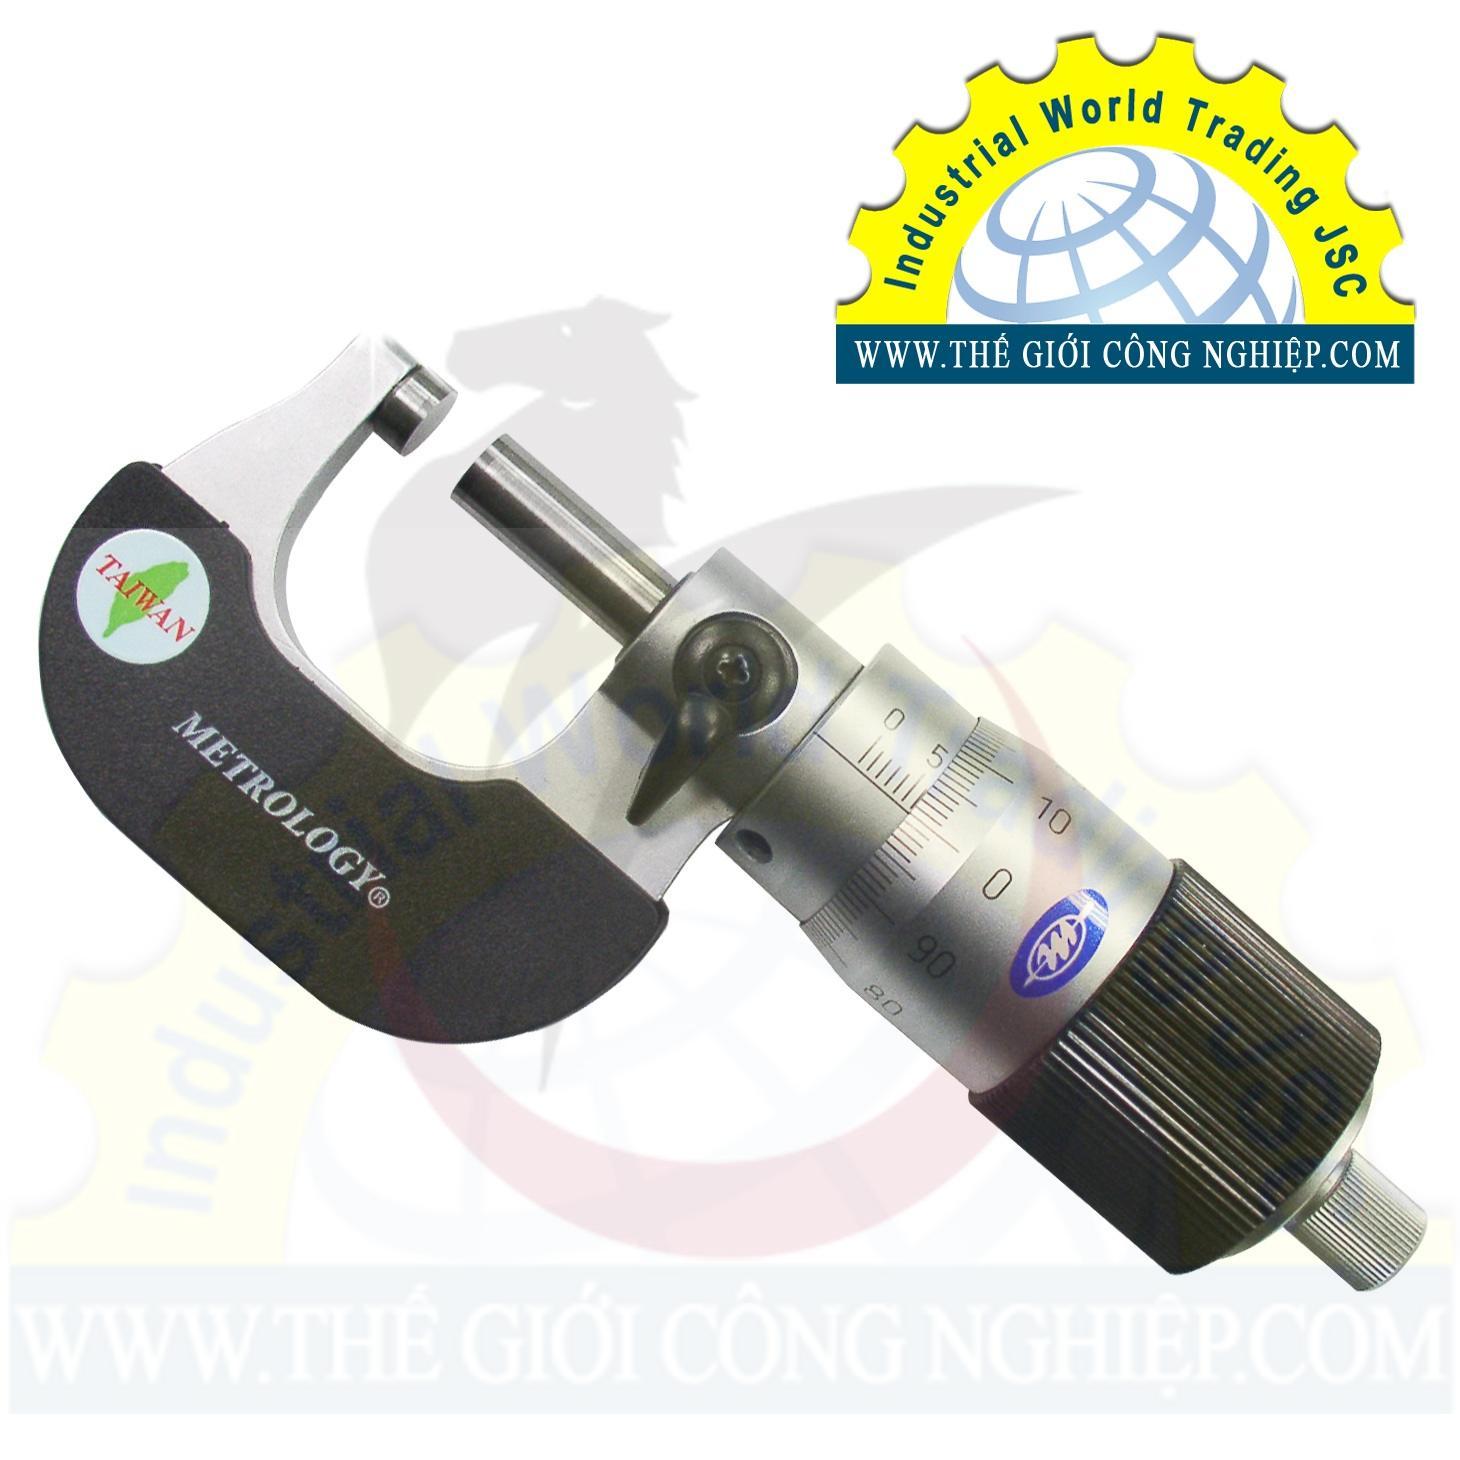 Panme do ngoài cơ 50-75mm  OM-9028 Metrology